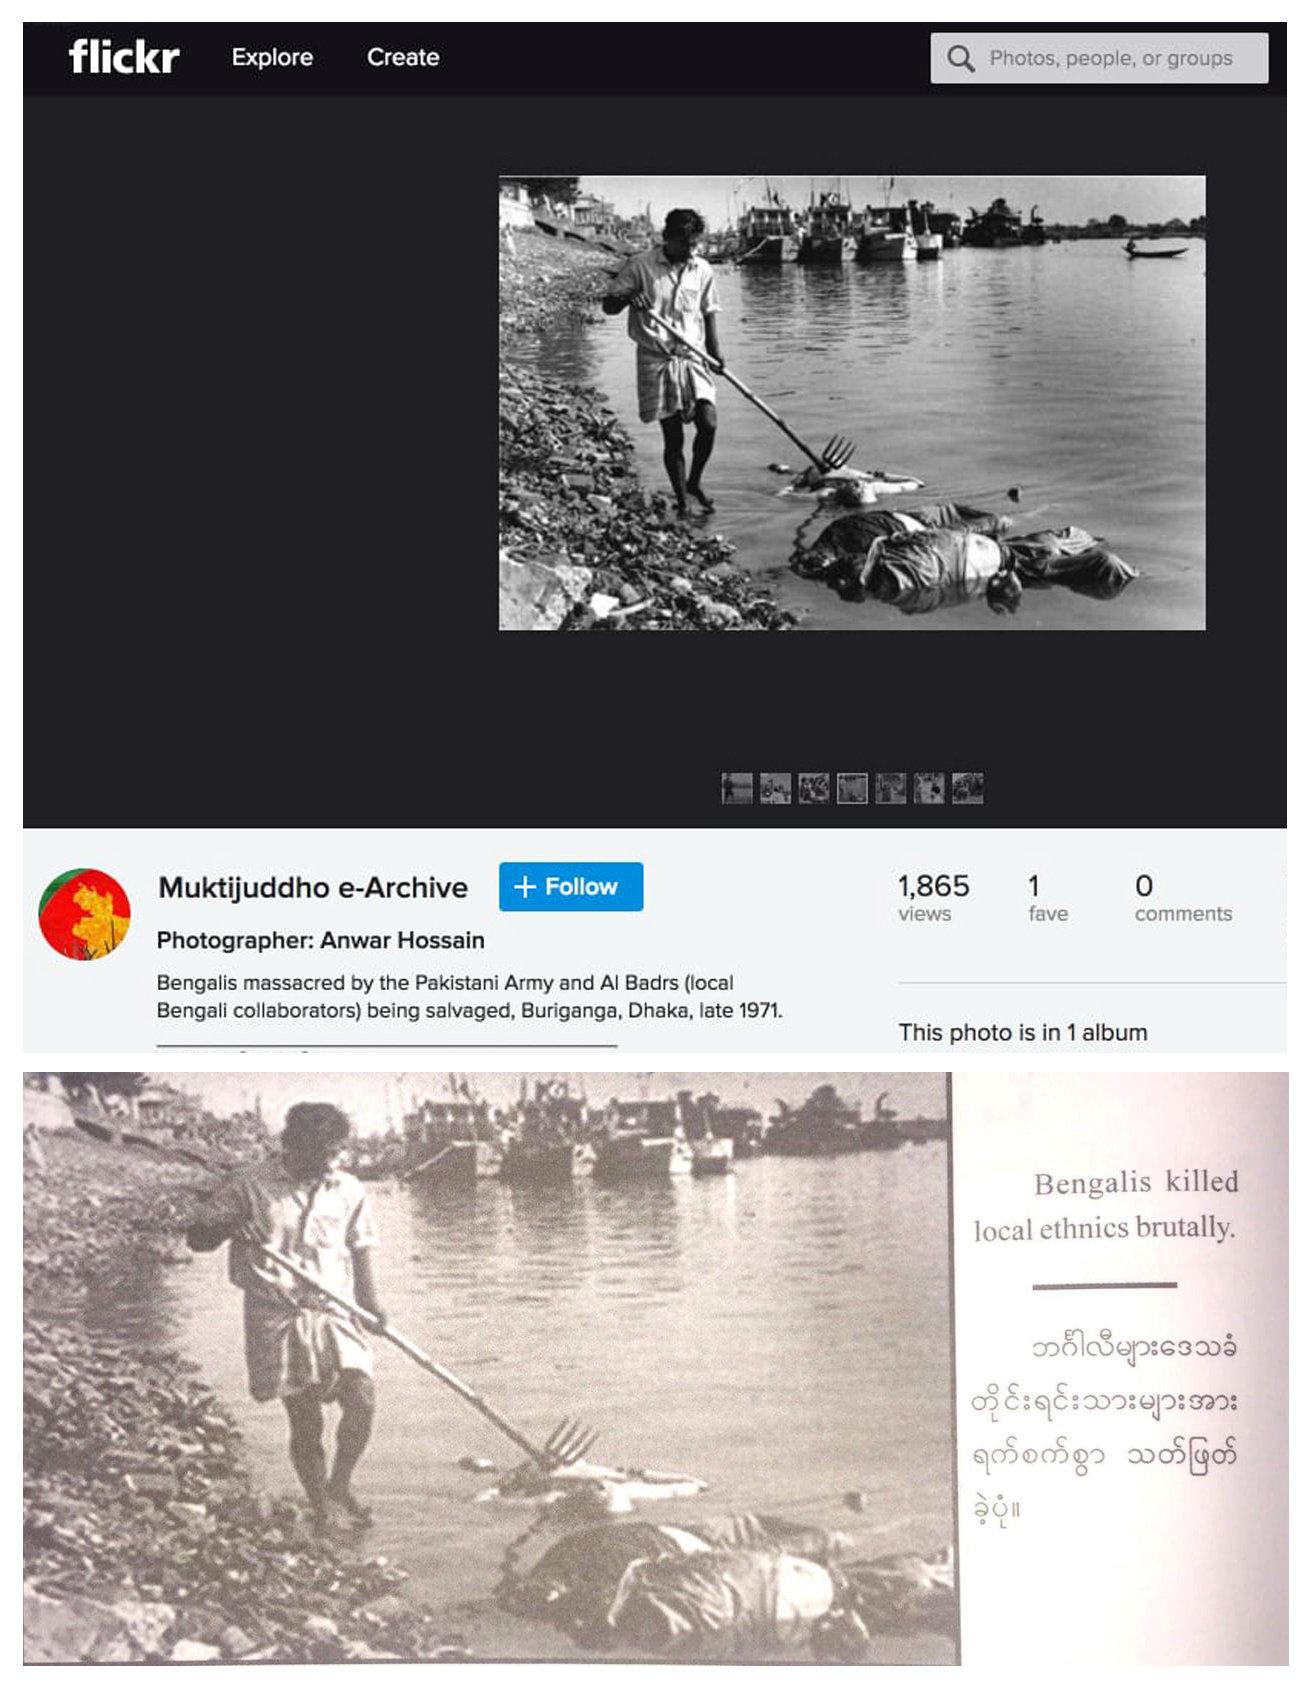 myanmer-rohingya-reuters